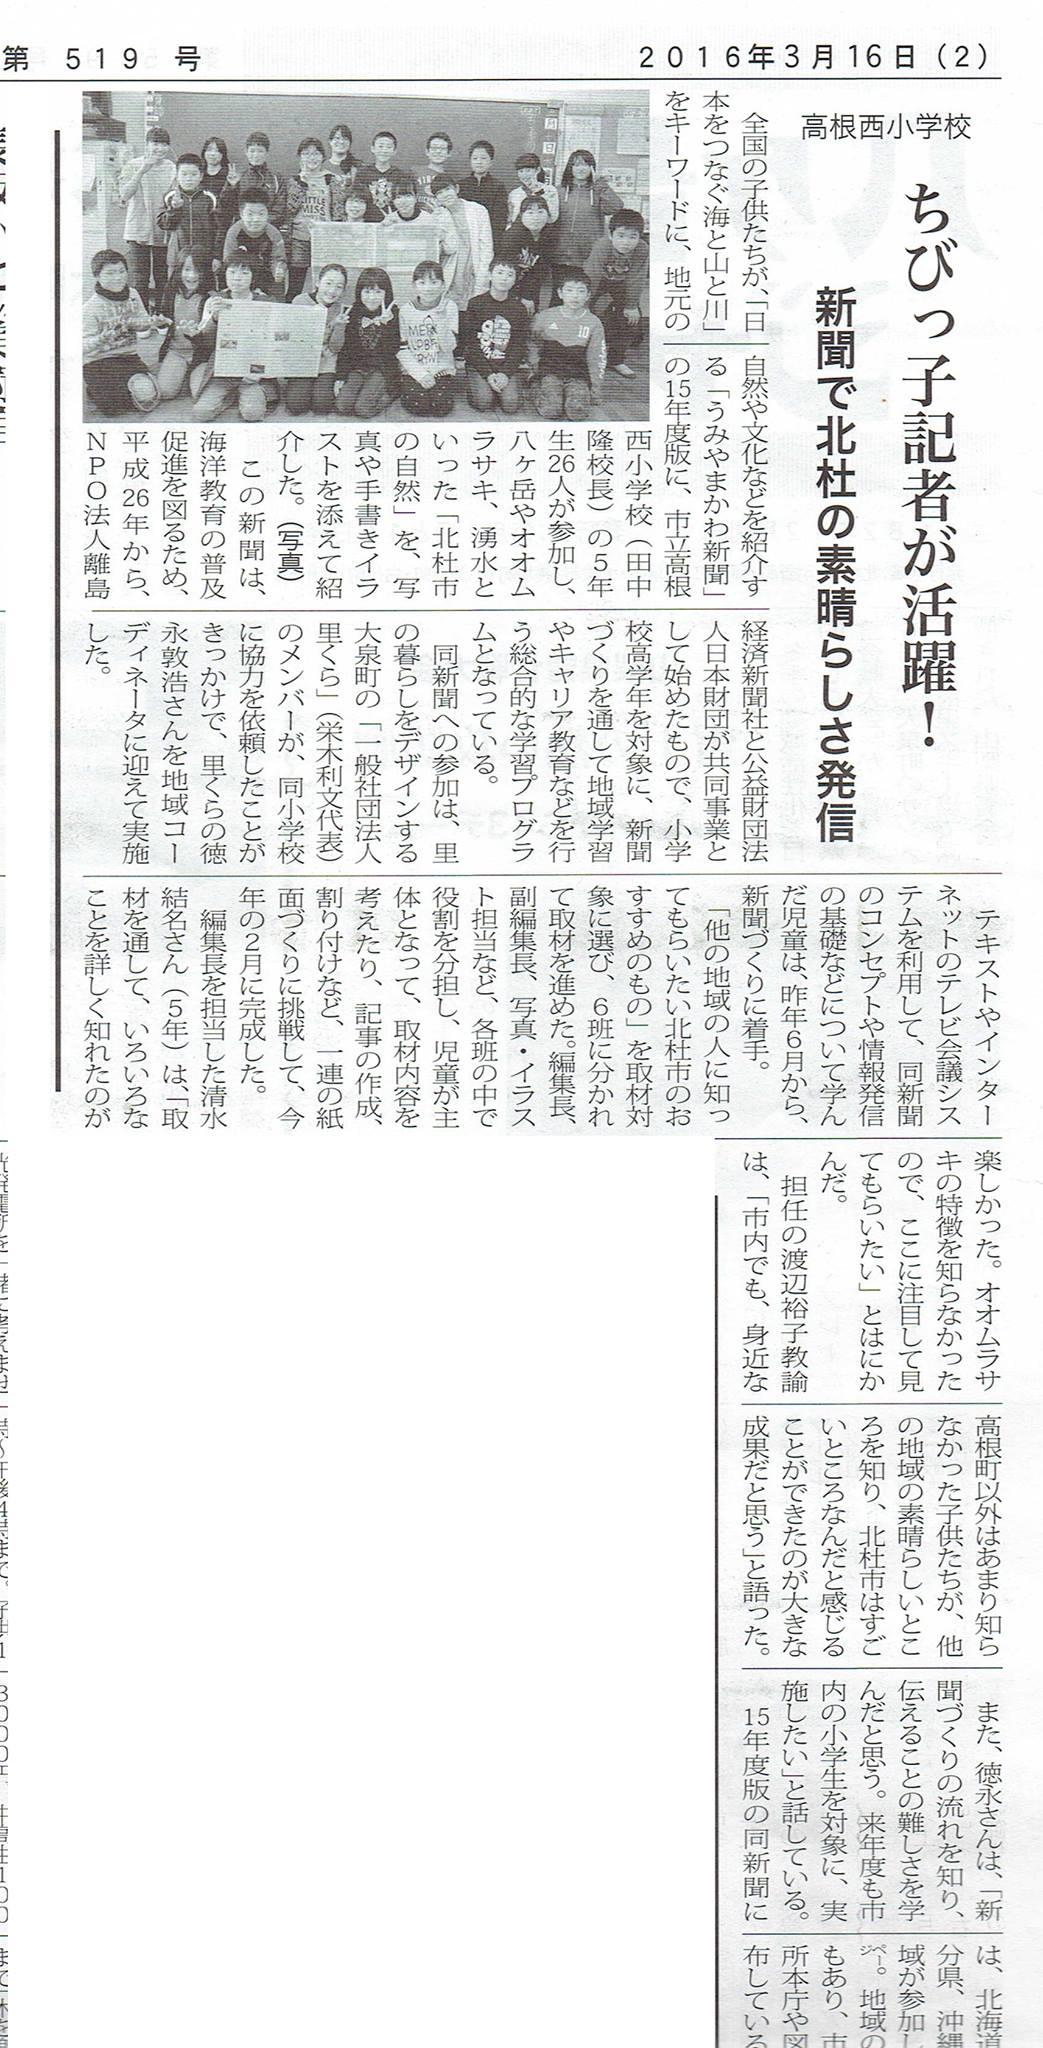 地域新聞「八ヶ岳ジャーナル」様に掲載いただきました